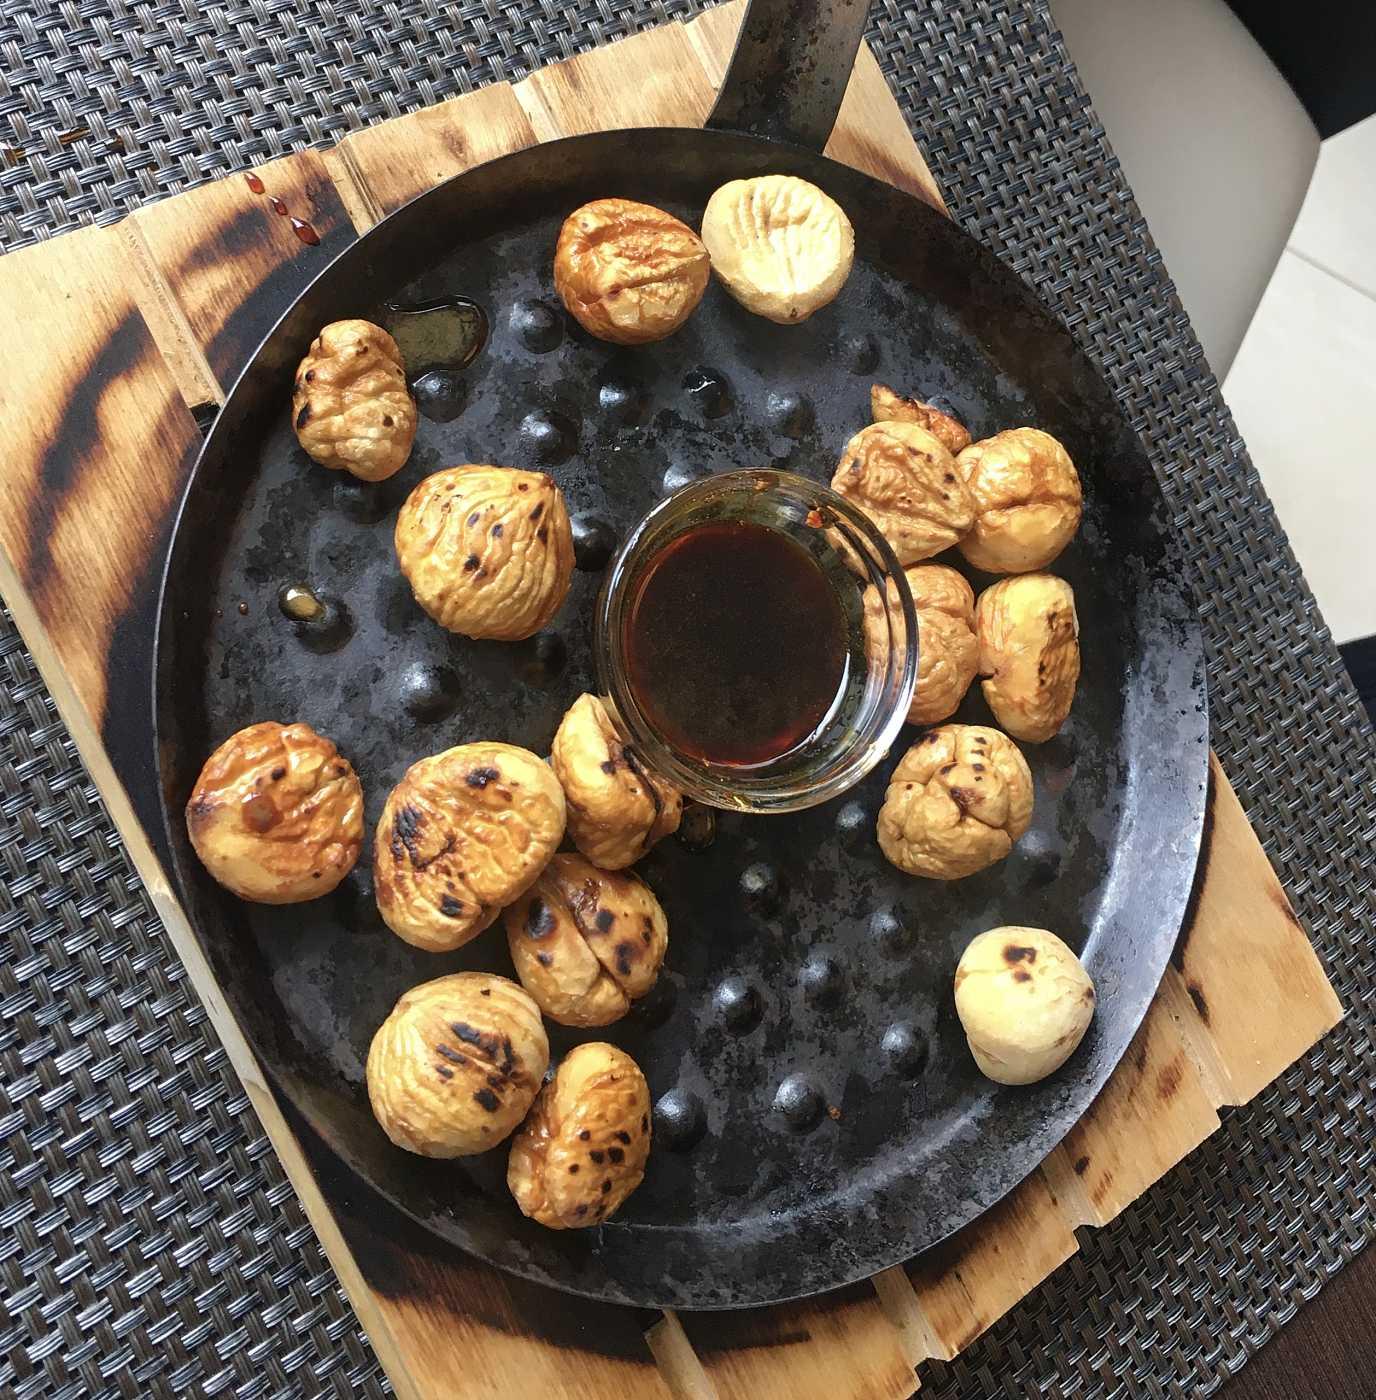 Global 5 - Navidad en Madeira (III): la castaña, el producto estrella - 29/12/20 - Escuchar ahora